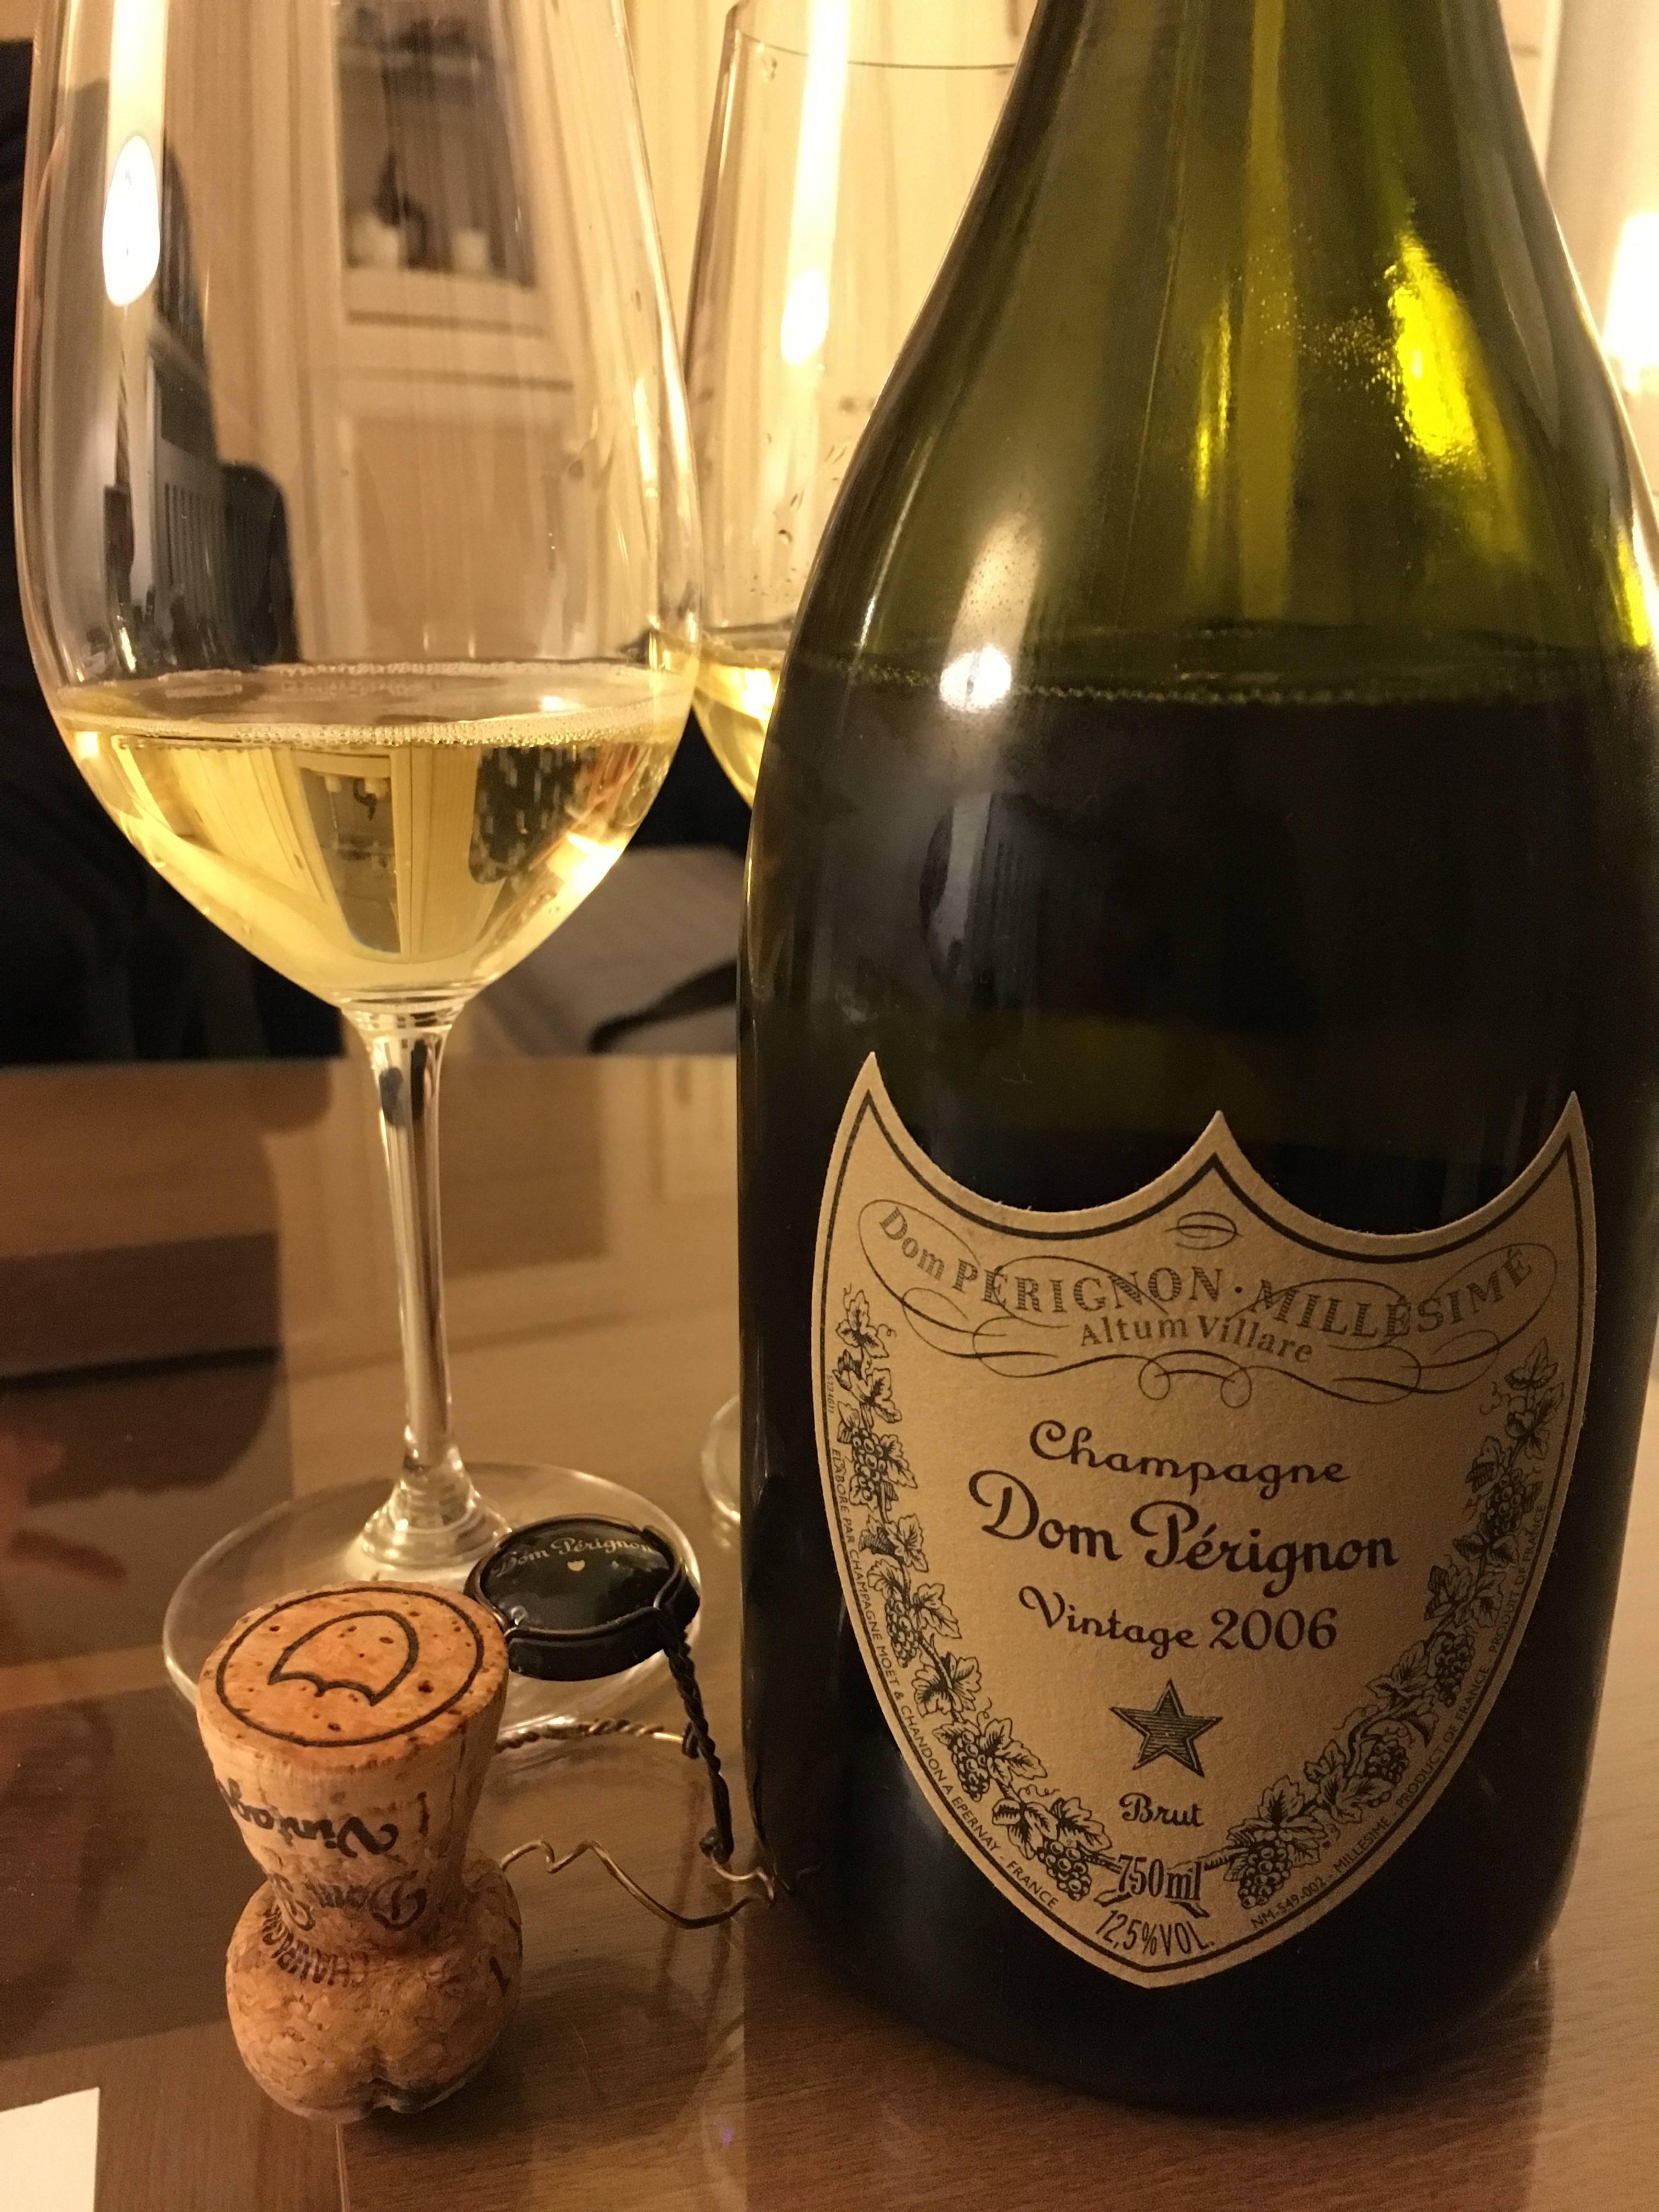 Дом периньон (dom perignon): история возникновения, виды напитка